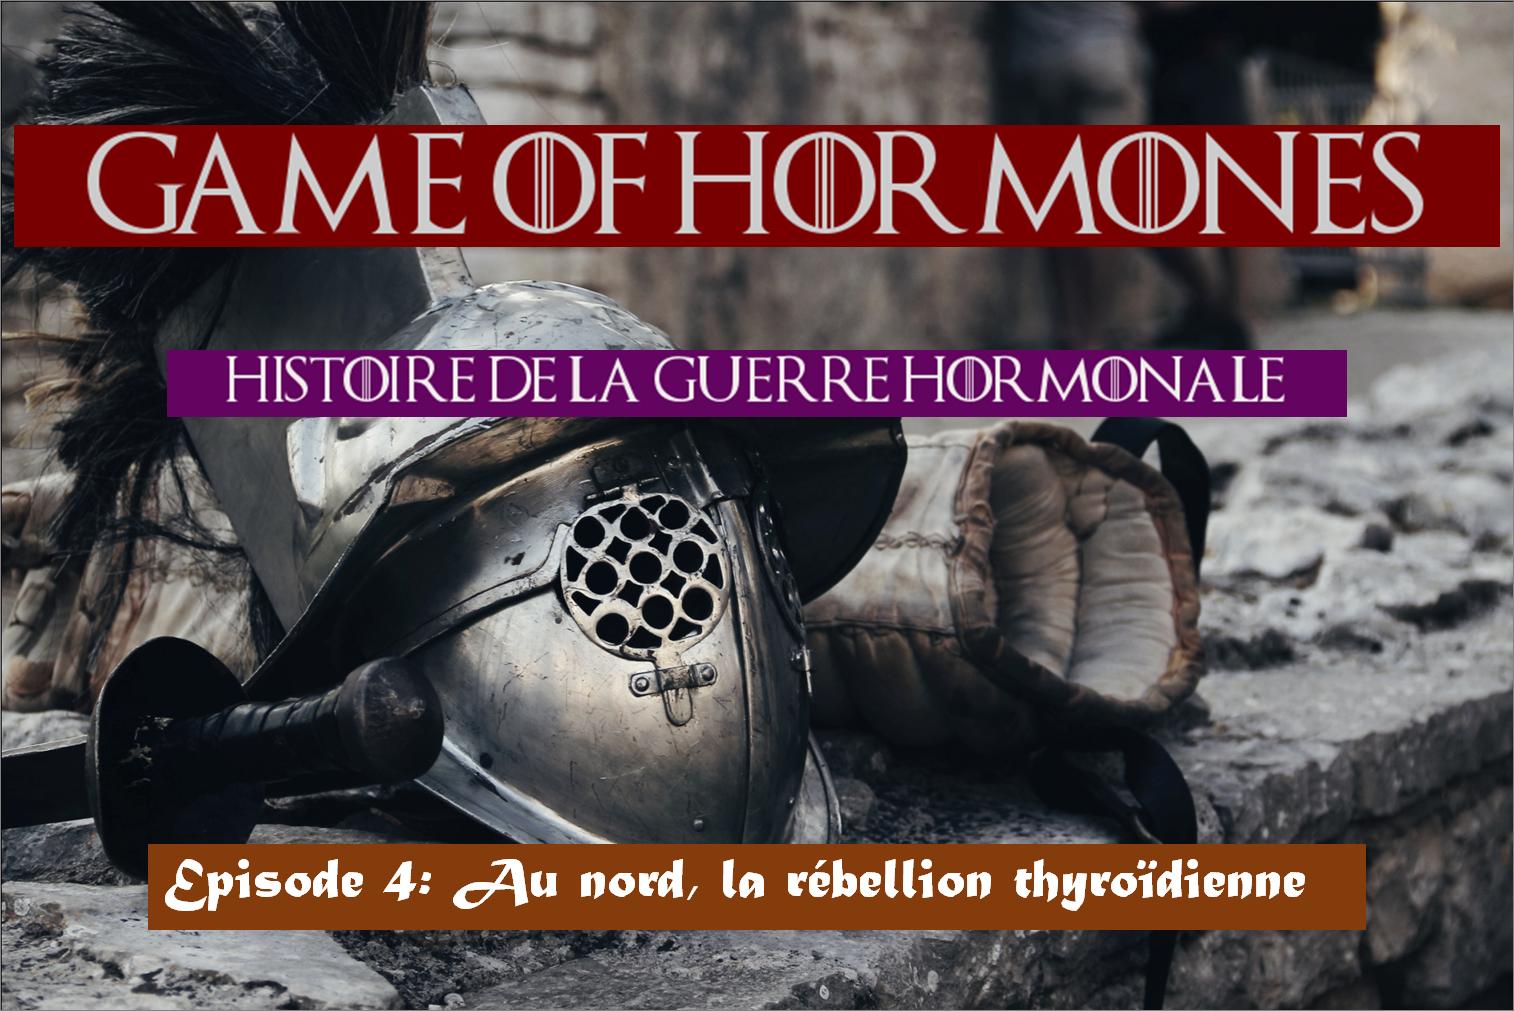 Game of Hormones 4: au nord, rébellion thyroïdienne